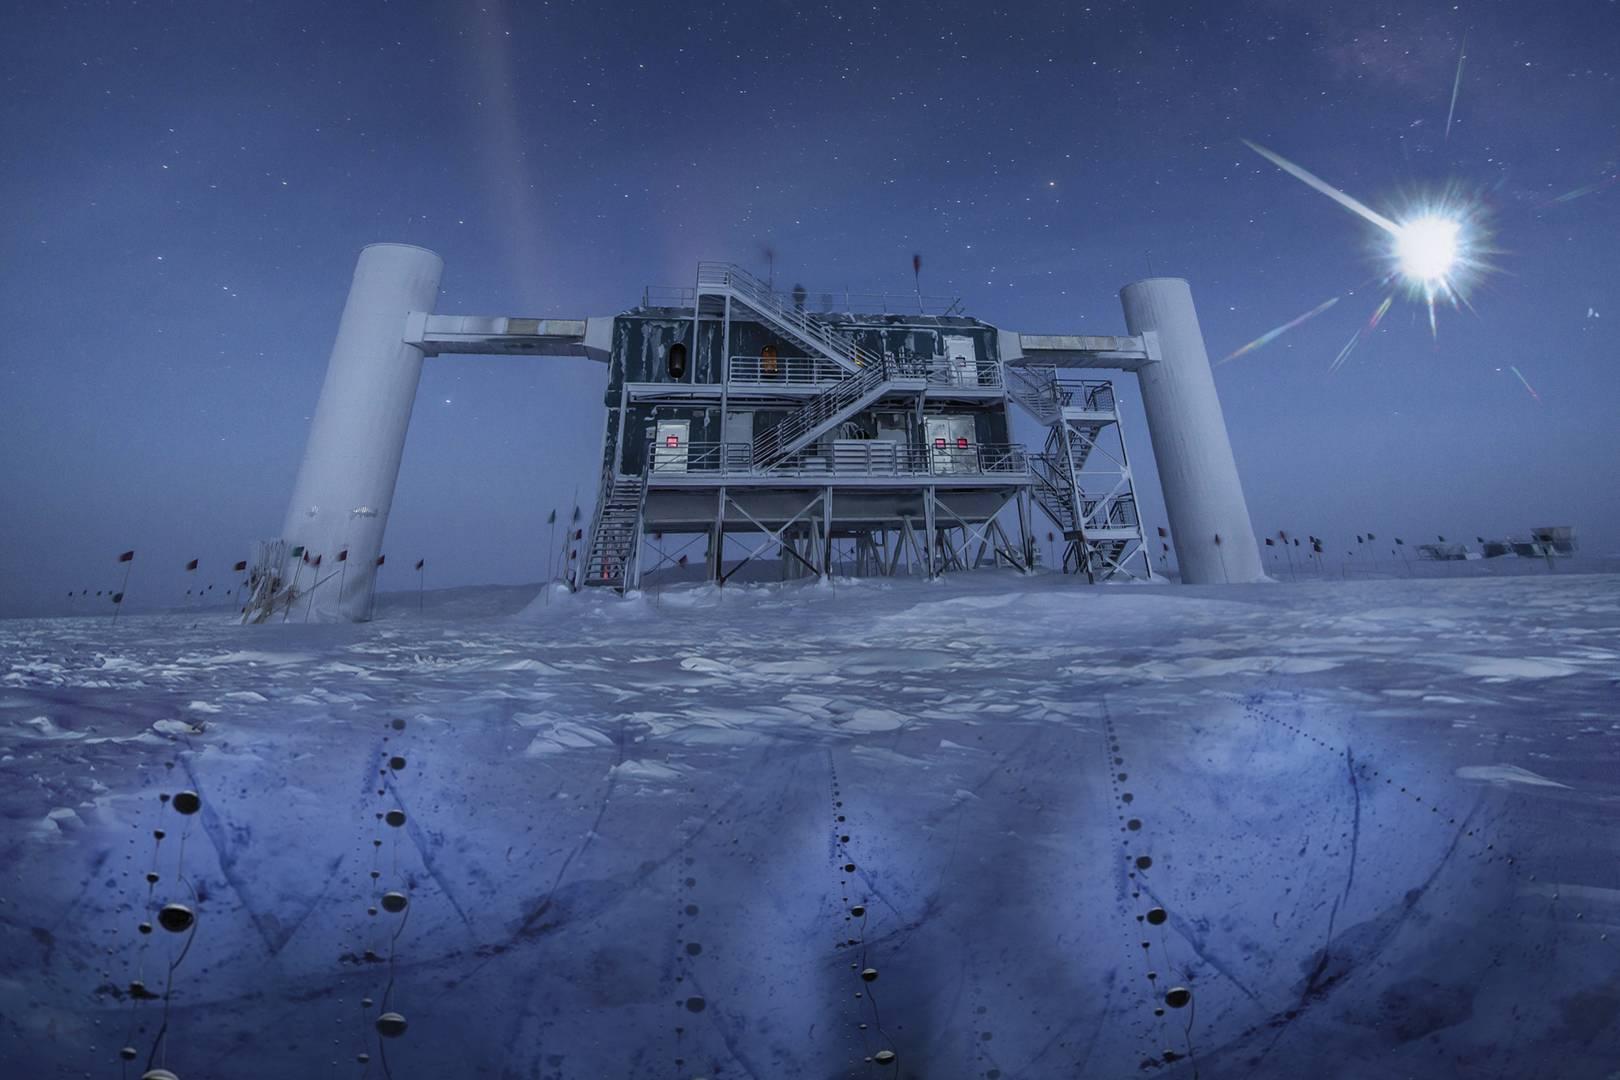 Imagen real del IceCube Lab, con sus sensores esféricos (llamados DOM) bajo el hielo para detectar neutrinos. / IceCube/NSF